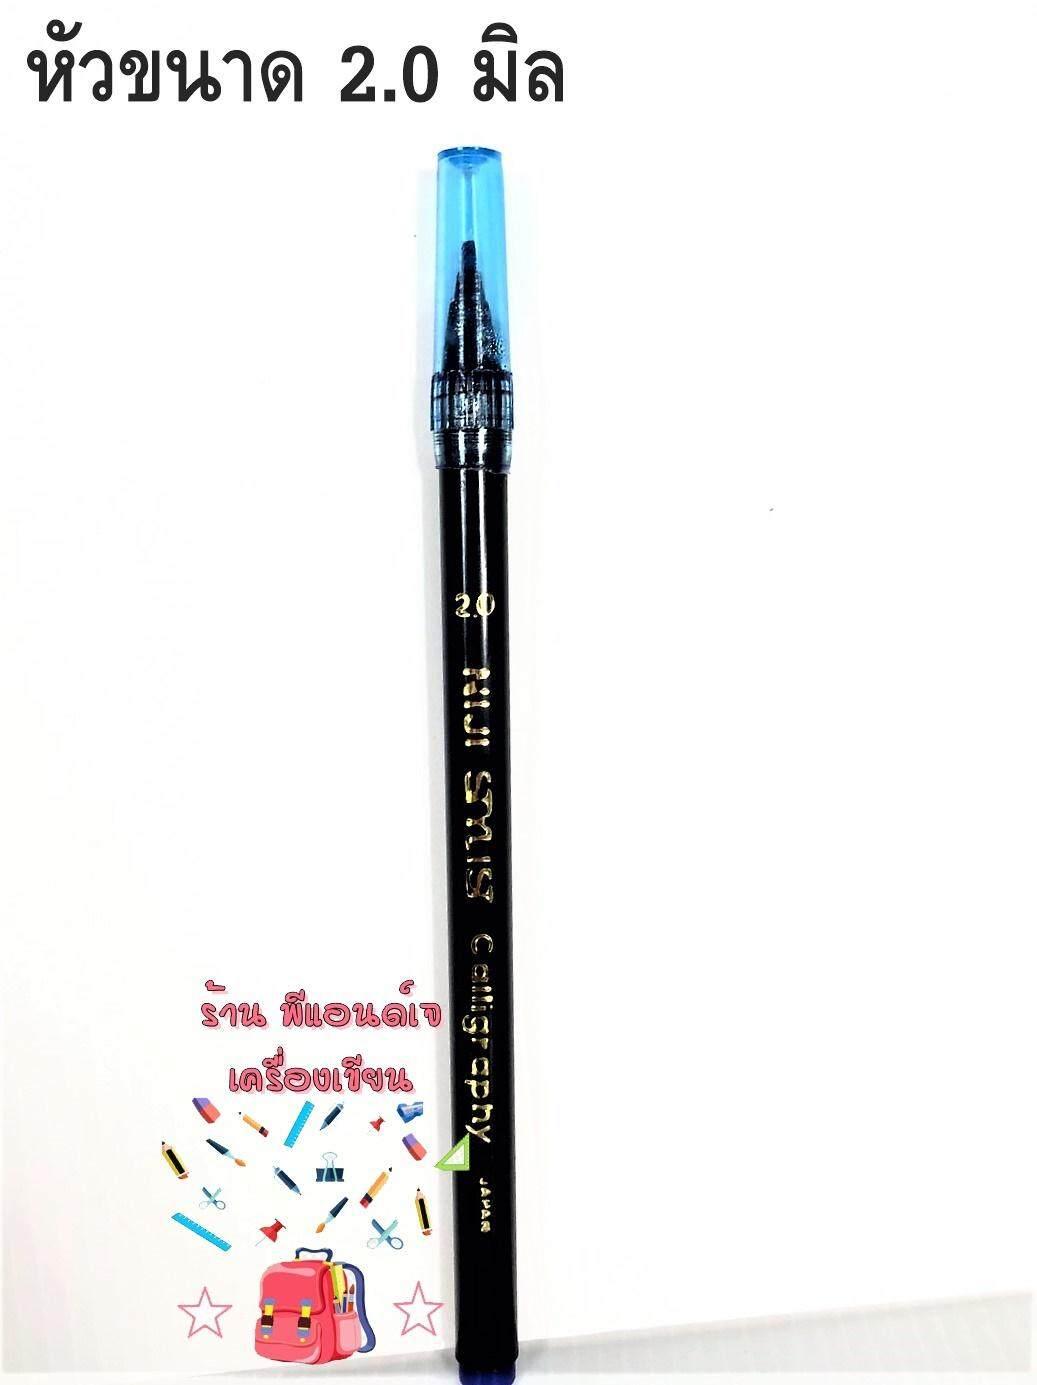 ปากกาสปีดบอล สีน้ำเงิน ขนาด 2.0 มิล ปากกาหัวตัด Niji Stylist Calligraphy ขายปลีก.